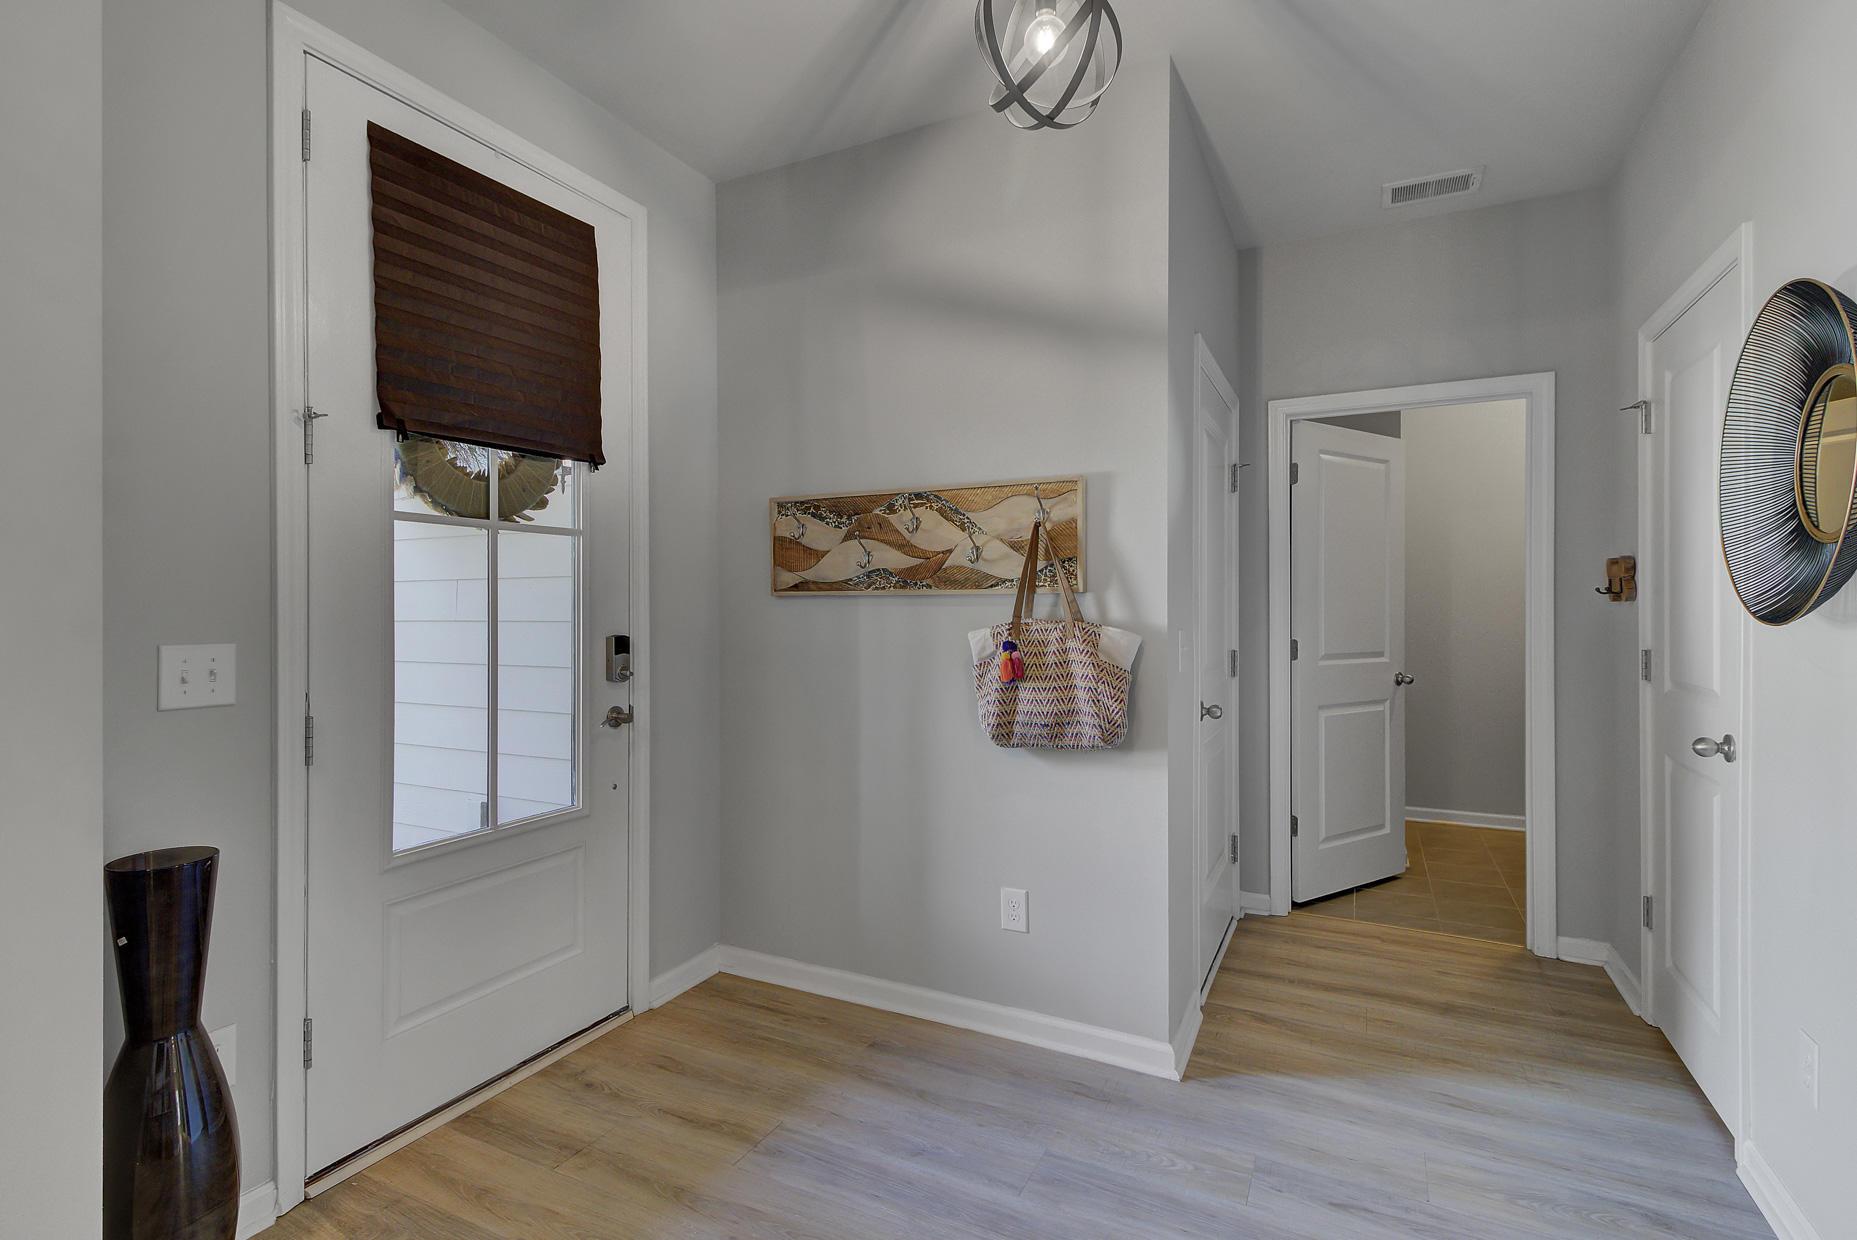 Park West Homes For Sale - 2566 Kingsfield, Mount Pleasant, SC - 19